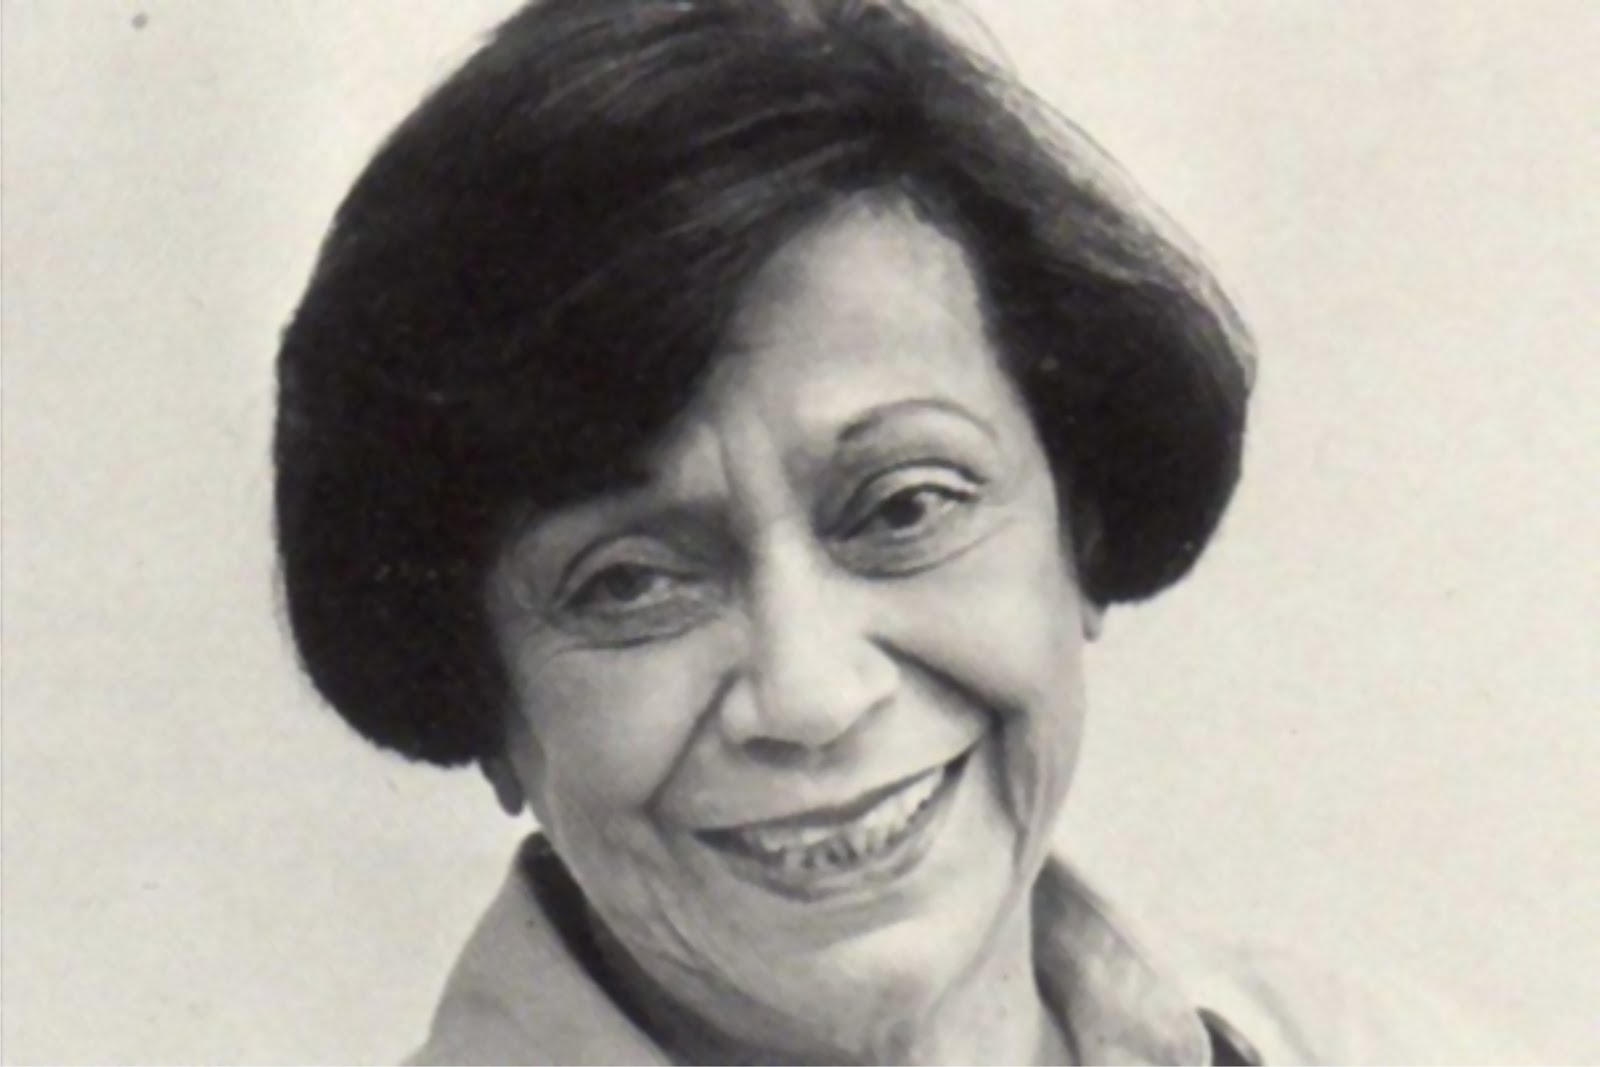 Jolina Magdangal (b. 1978),Udhayathara Porno images Louise Cliffe,Archita Sahu